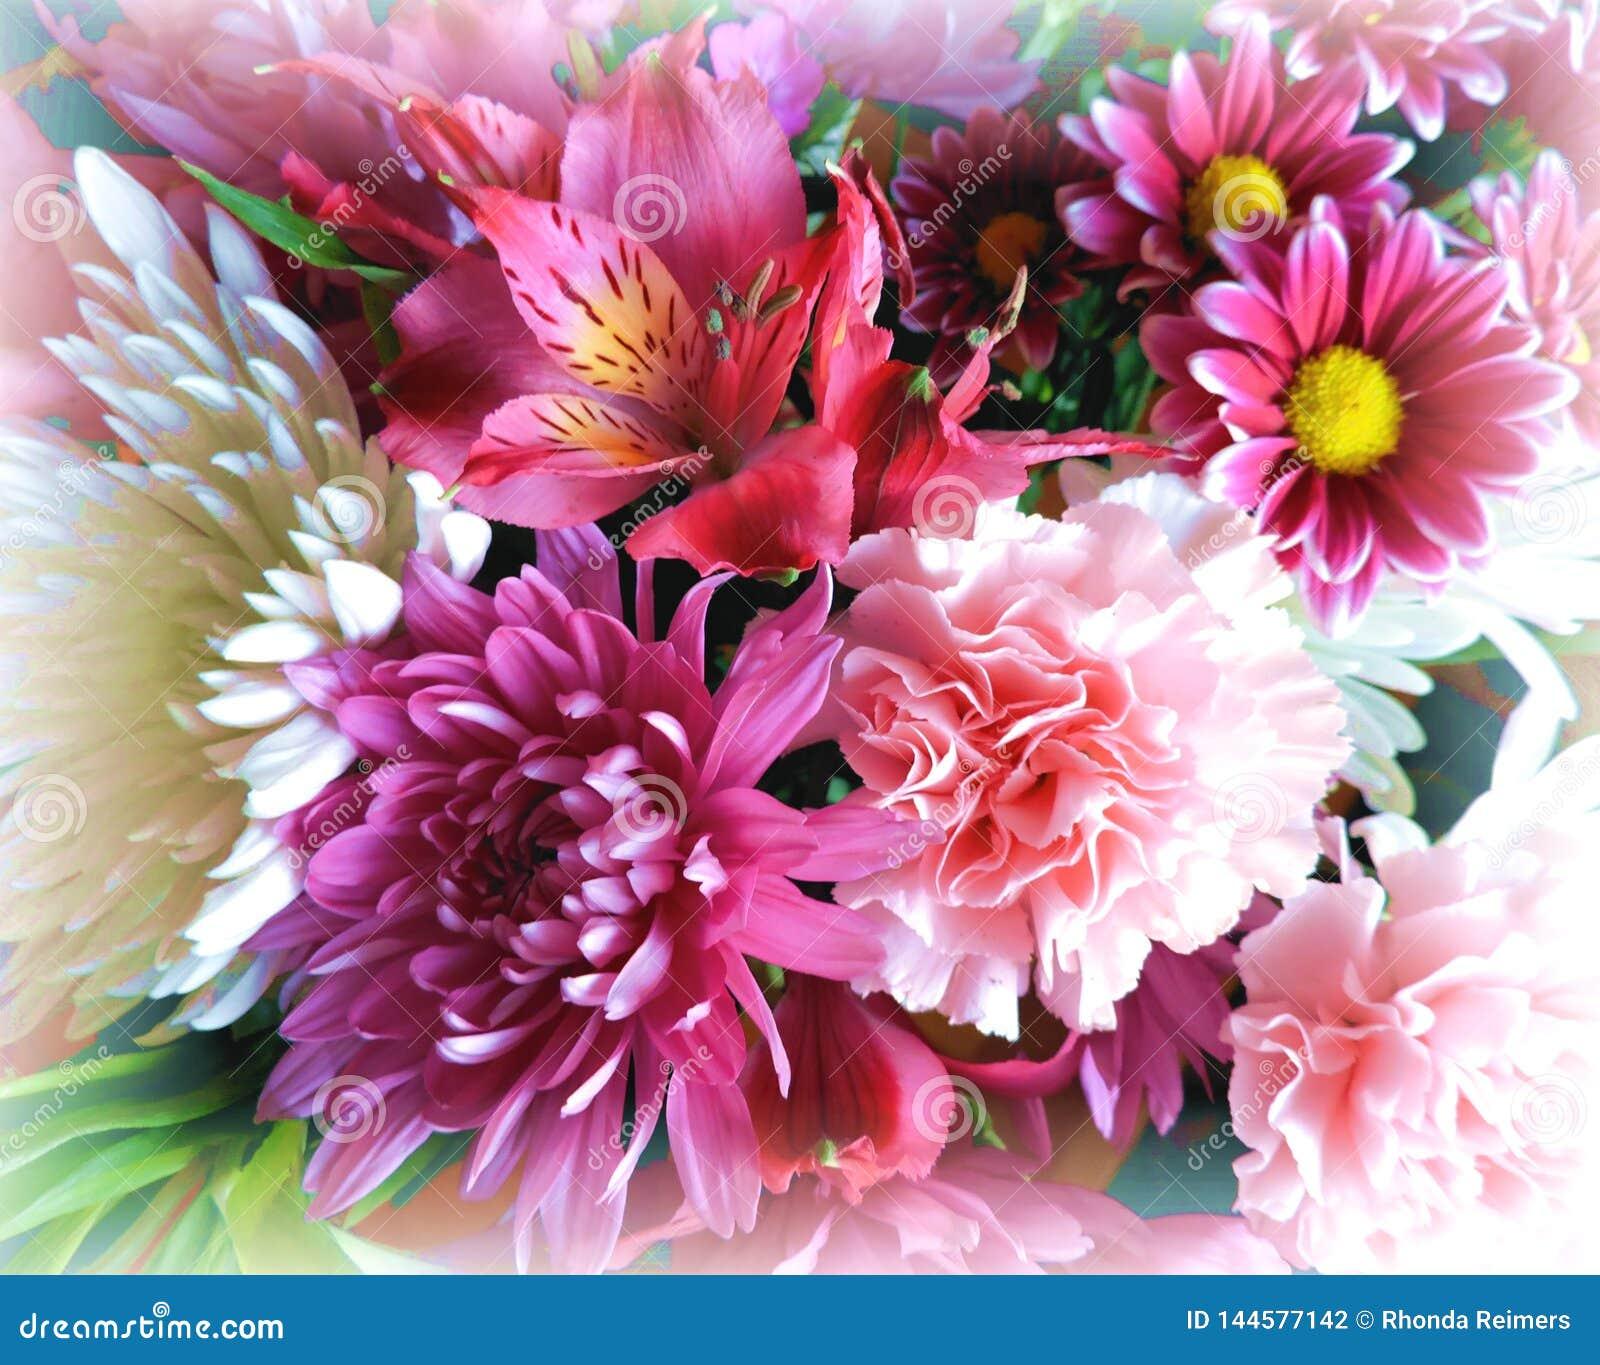 Mooi kleurrijk boeket van de lentebloemen met zachte rand rond grens